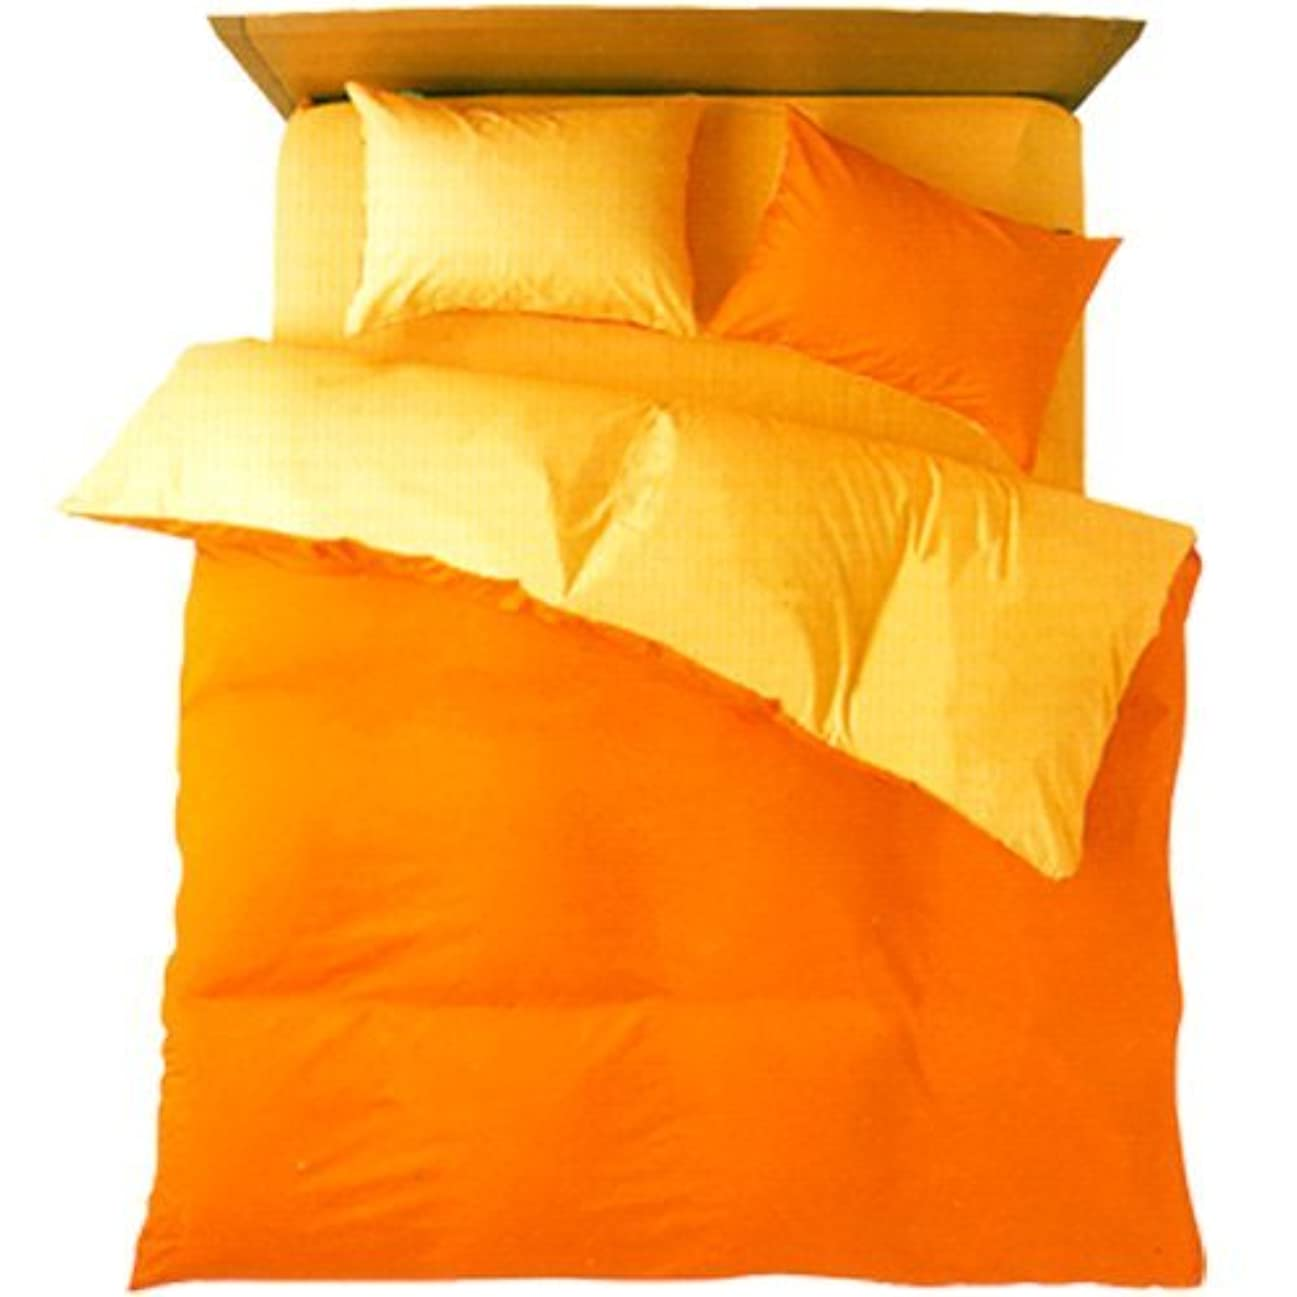 論文知り合い線形FROM 布団カバー 3点セット シングル 日本製 オレンジ/ゴールドイエロー